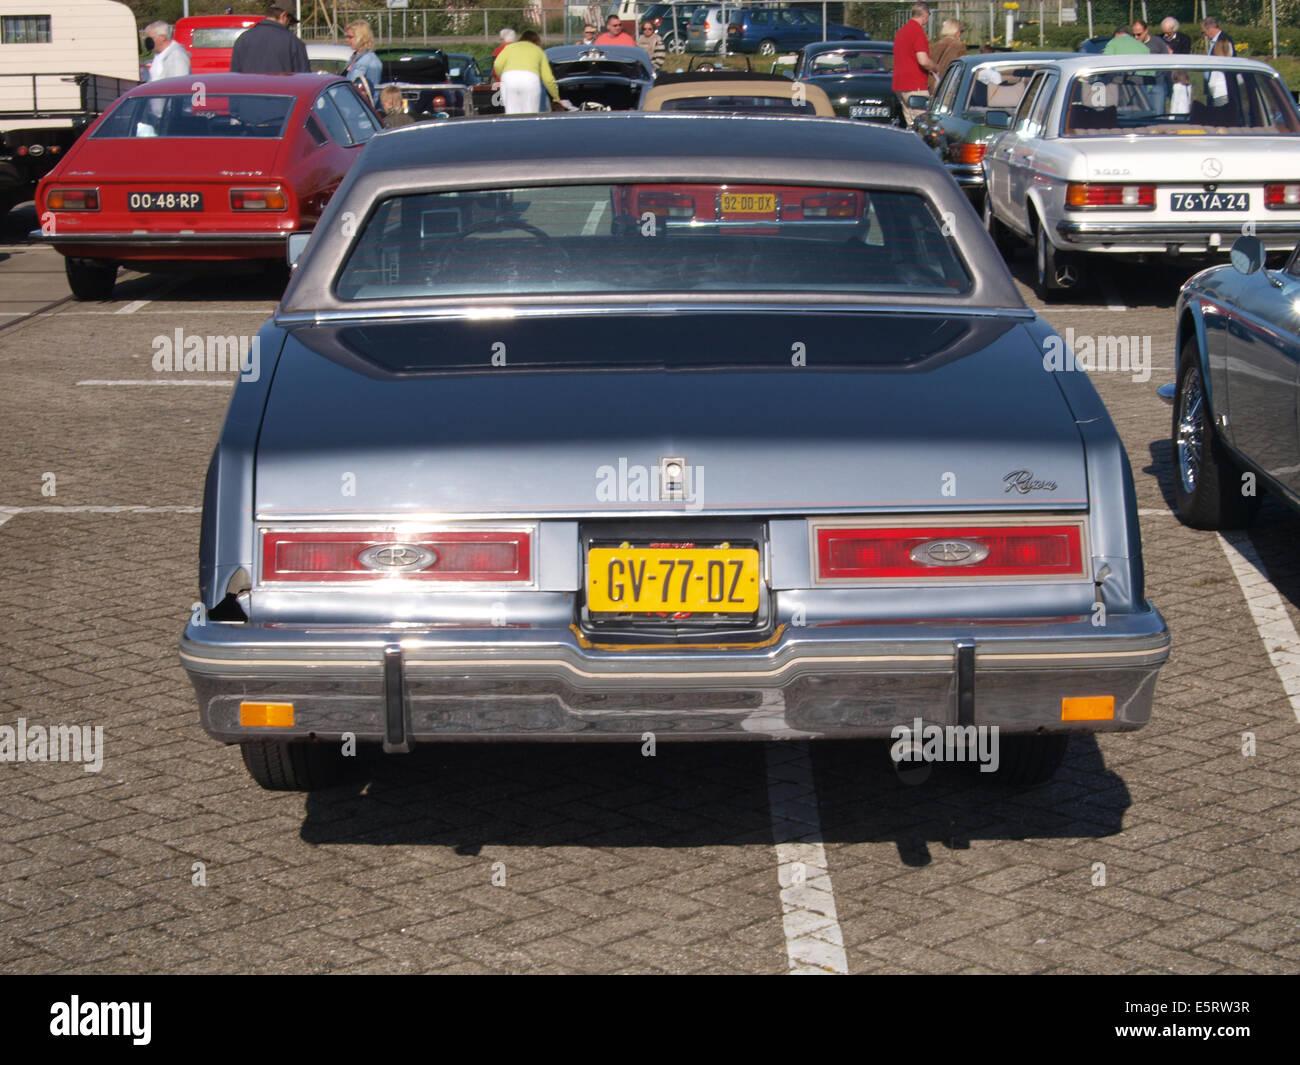 1981 Buick Riviera, Olandese di registrazione della licenza GV-77-DZ, pic1 Immagini Stock